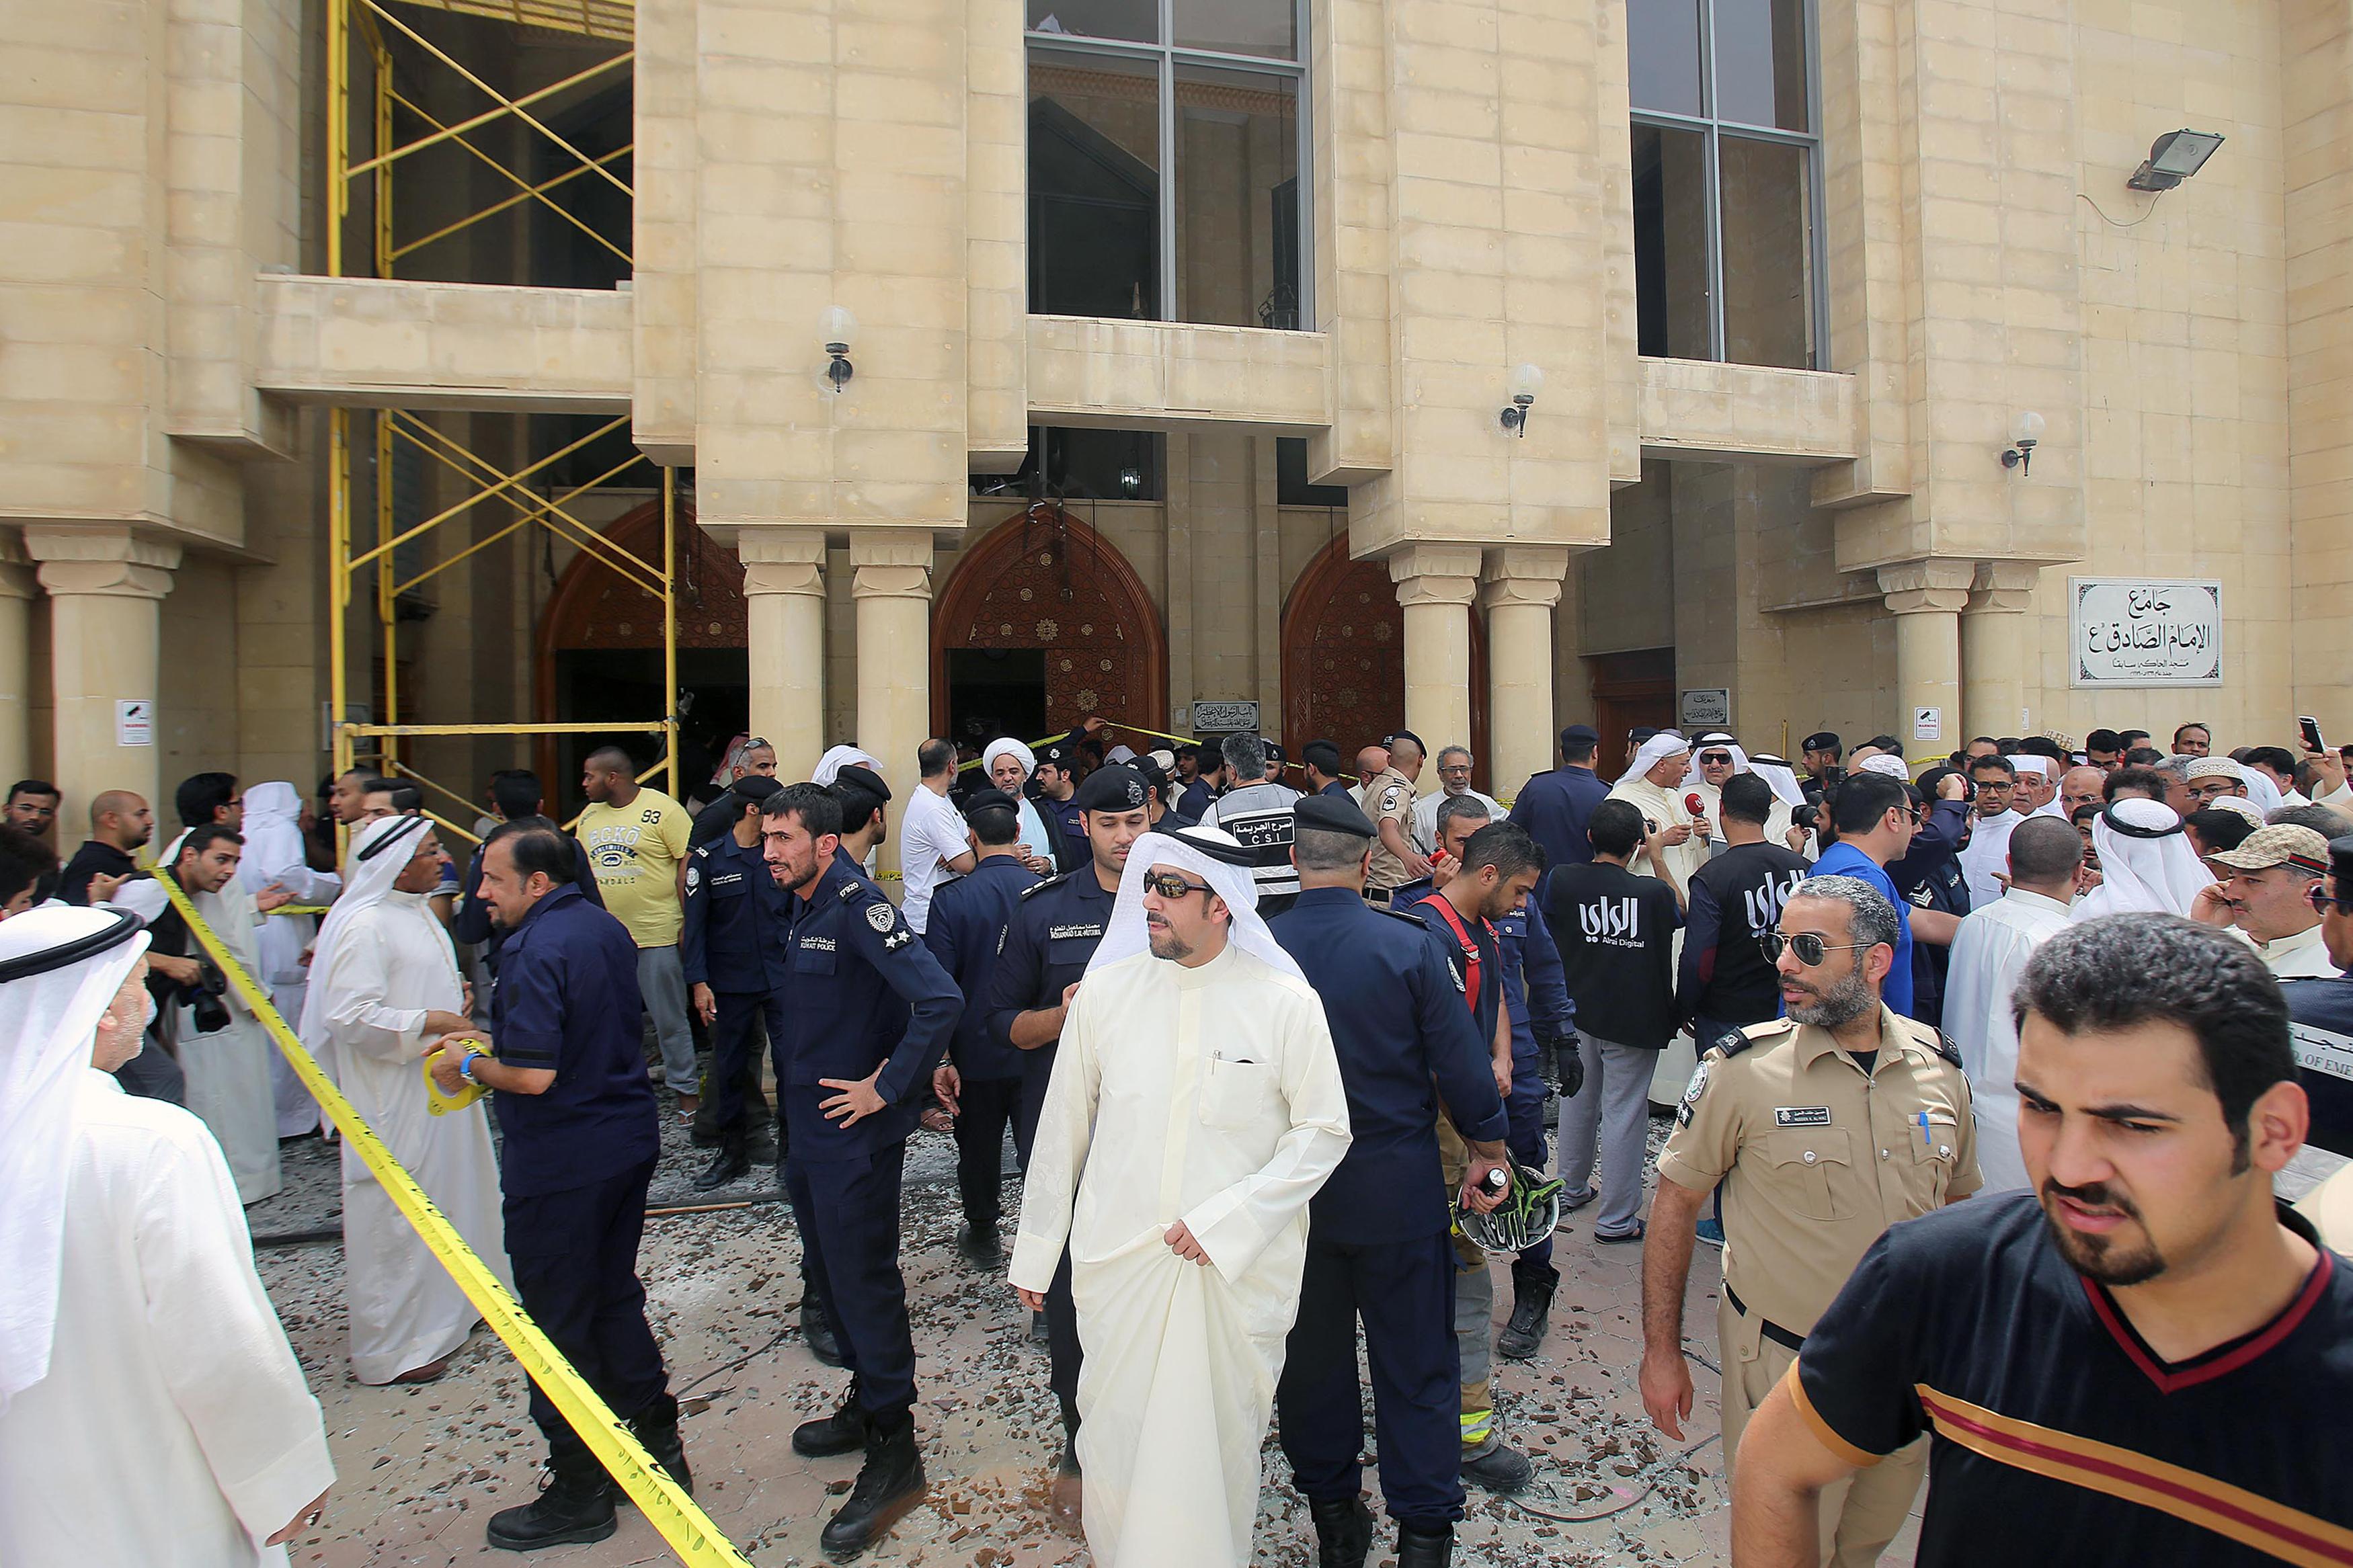 مواطنون كويتيون وأفراد من الأمن في ساحة التفجير بمسجد الصادق في الكويت